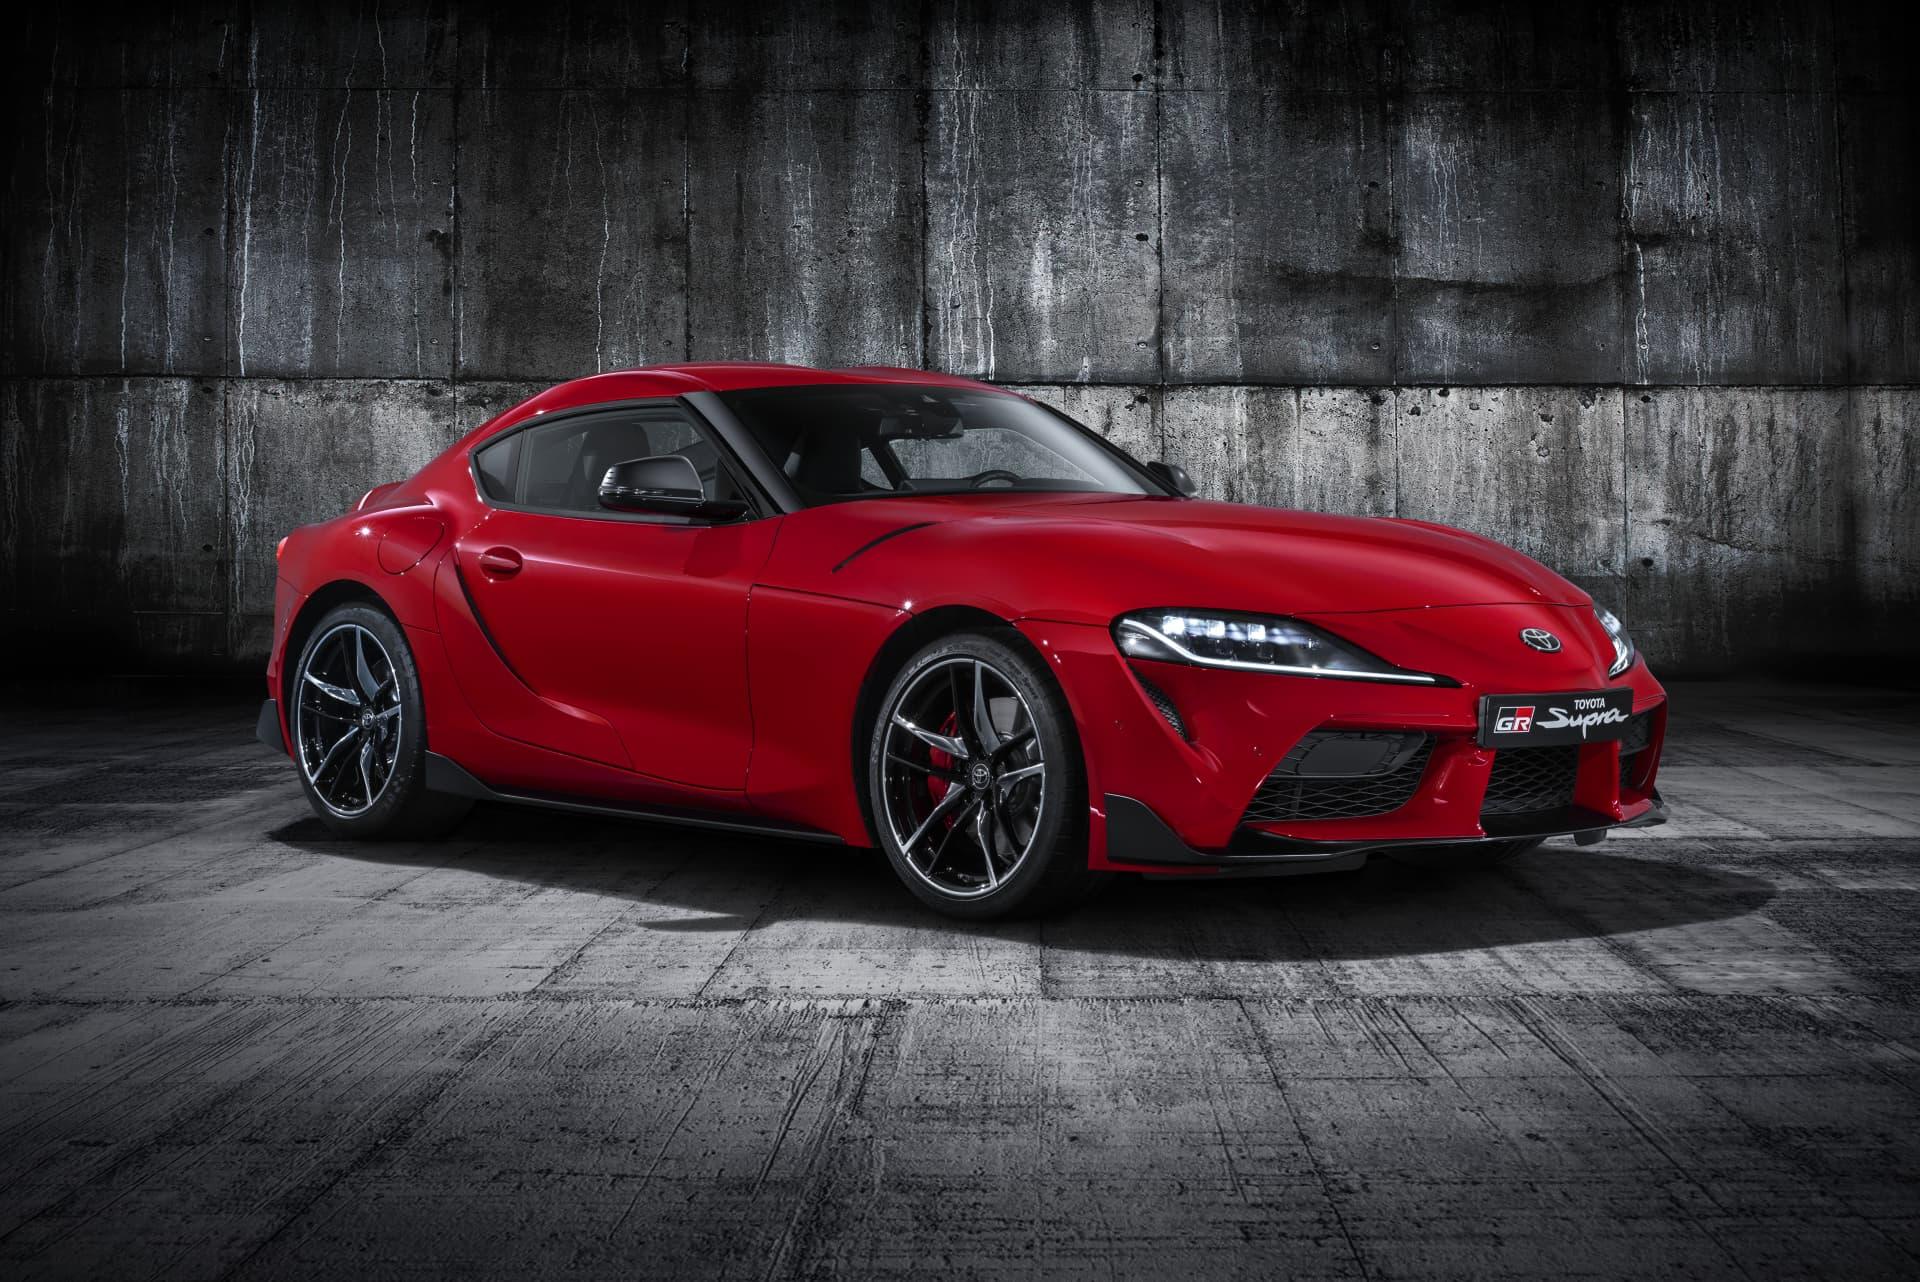 Todos Los Detalles Rojo Exterior Toyota Supra Red Studio 001 267691